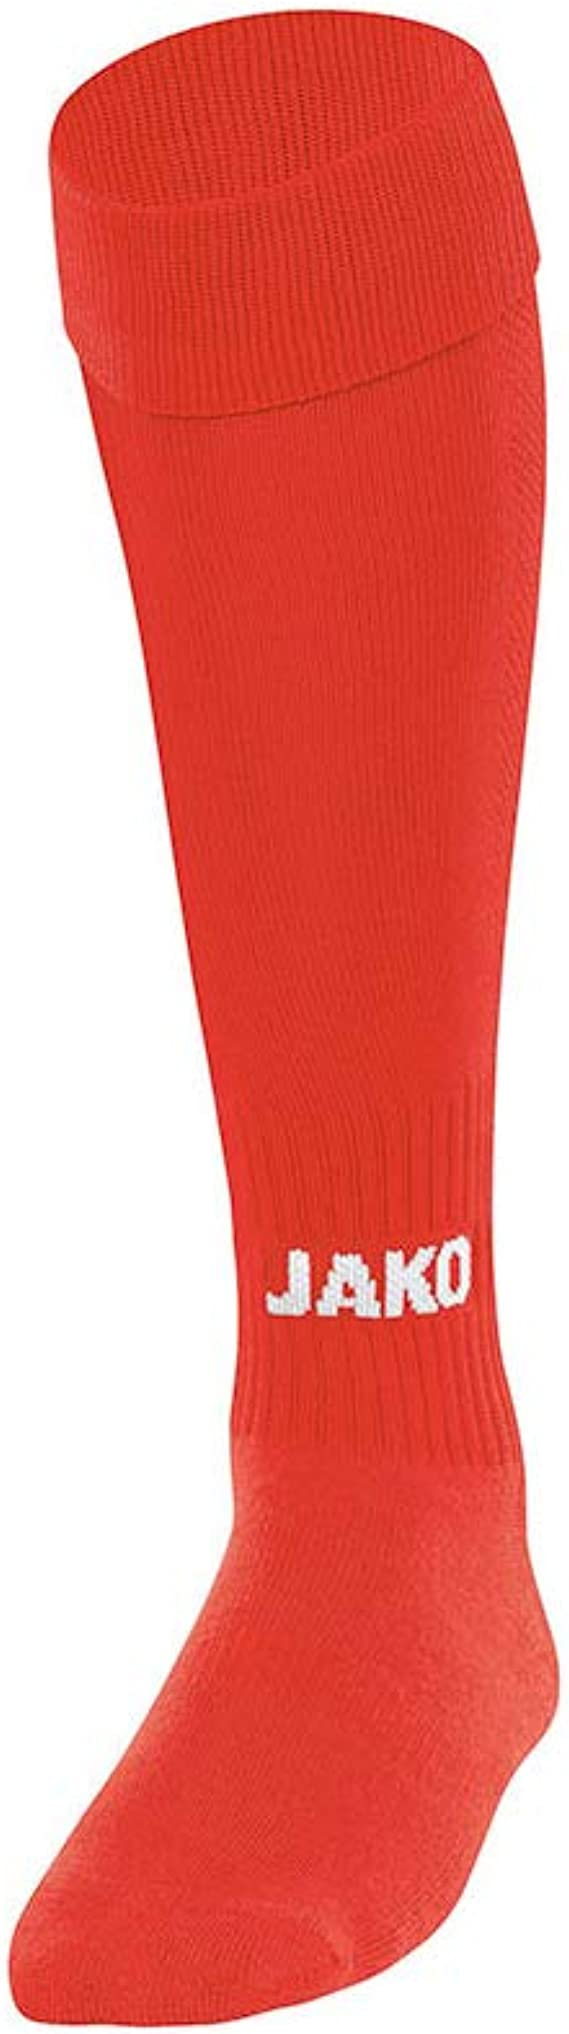 2 JAKO socks Glasgow 2.0 wei/ß 2 31-34